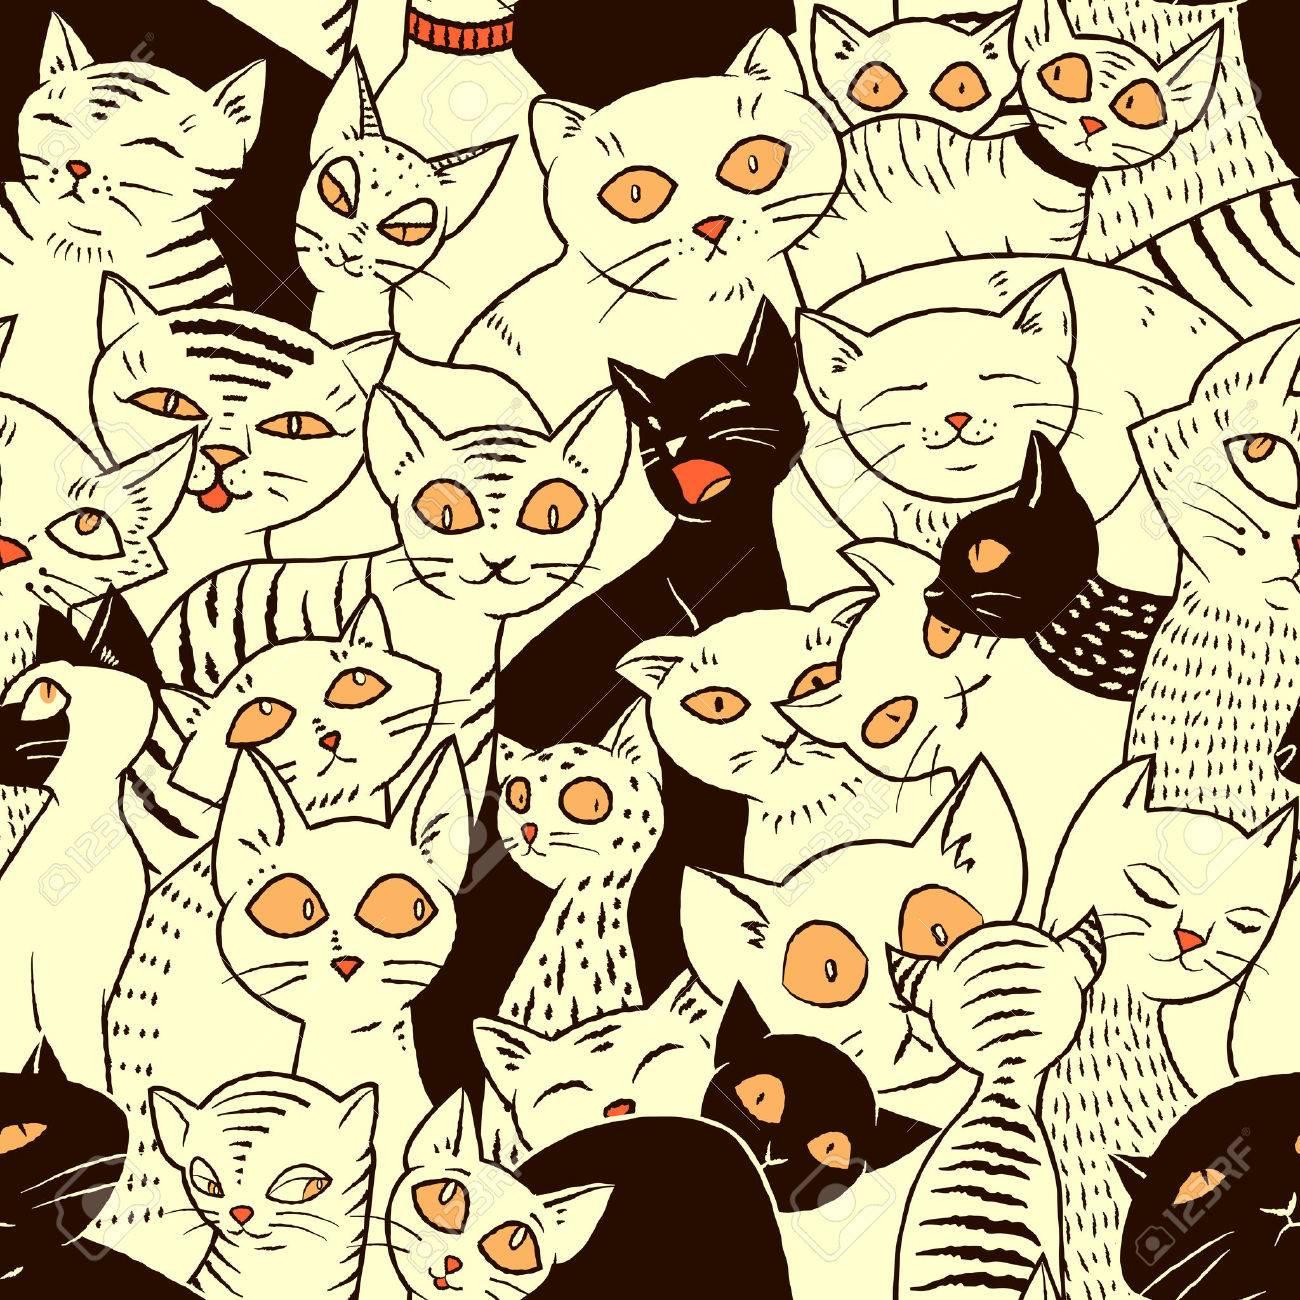 かわいい猫のシームレス パターン 壁紙のパターンの塗りつぶし Web ページの背景のイラスト素材 ベクタ Image